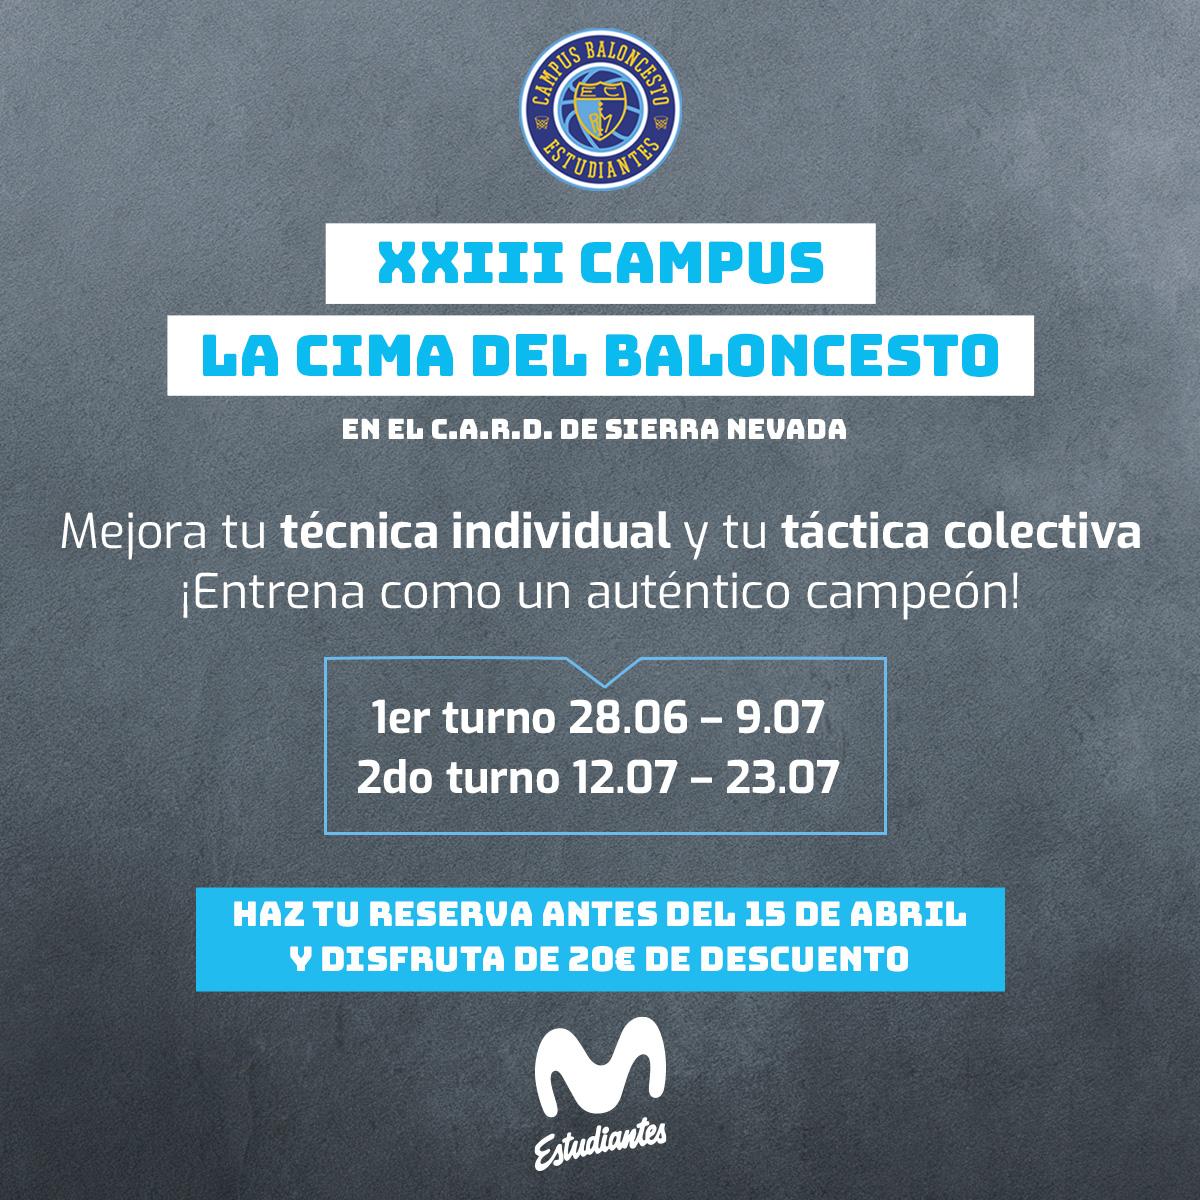 XXIII Campus LA CIMA DEL BALONCESTO en Sierra Nevada